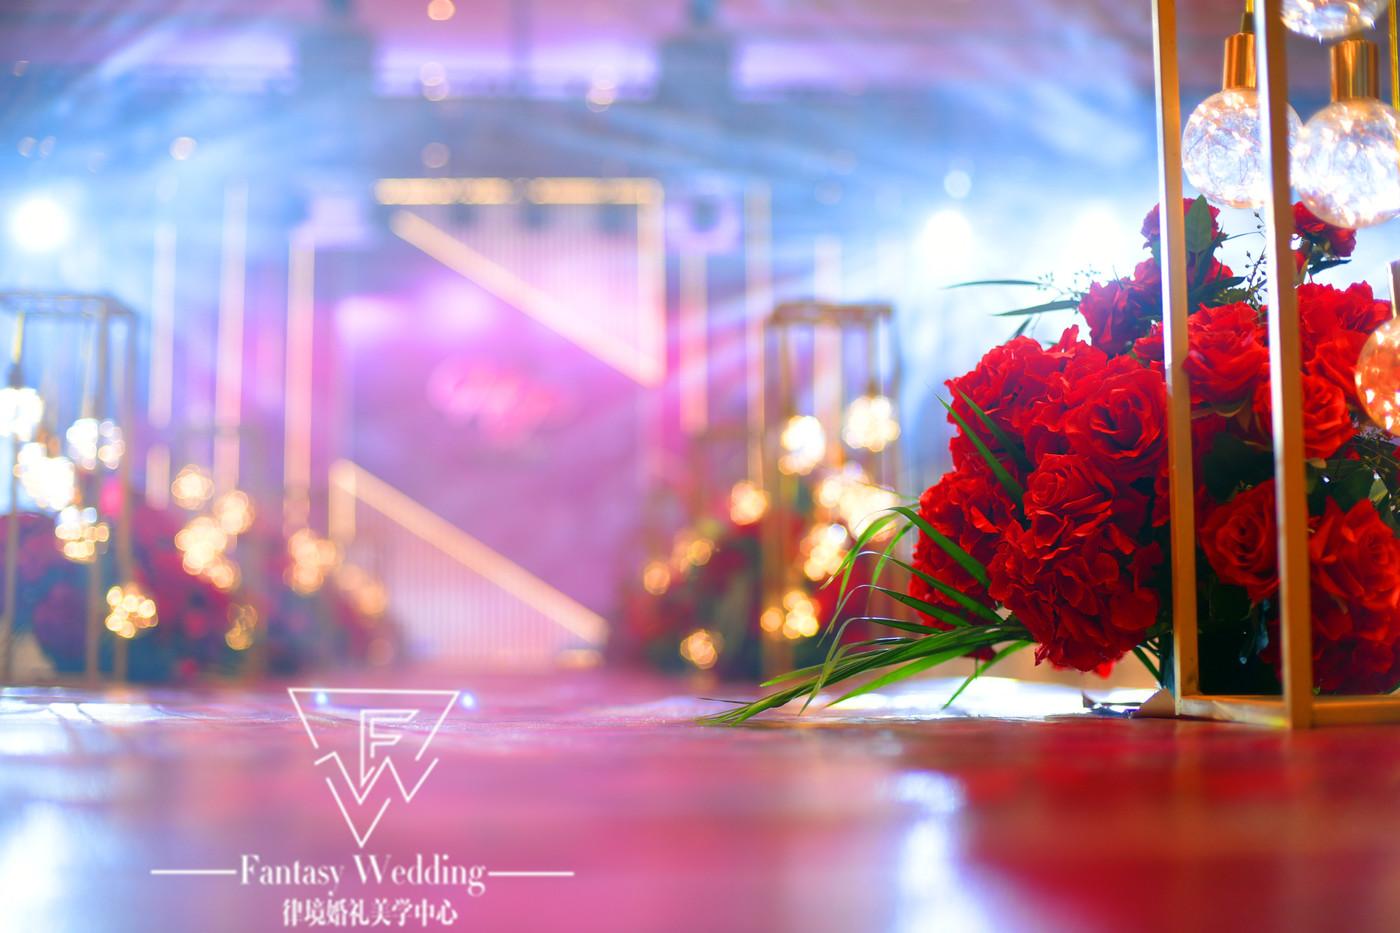 「律境婚礼」 胡萝卜& 方莱婚礼12